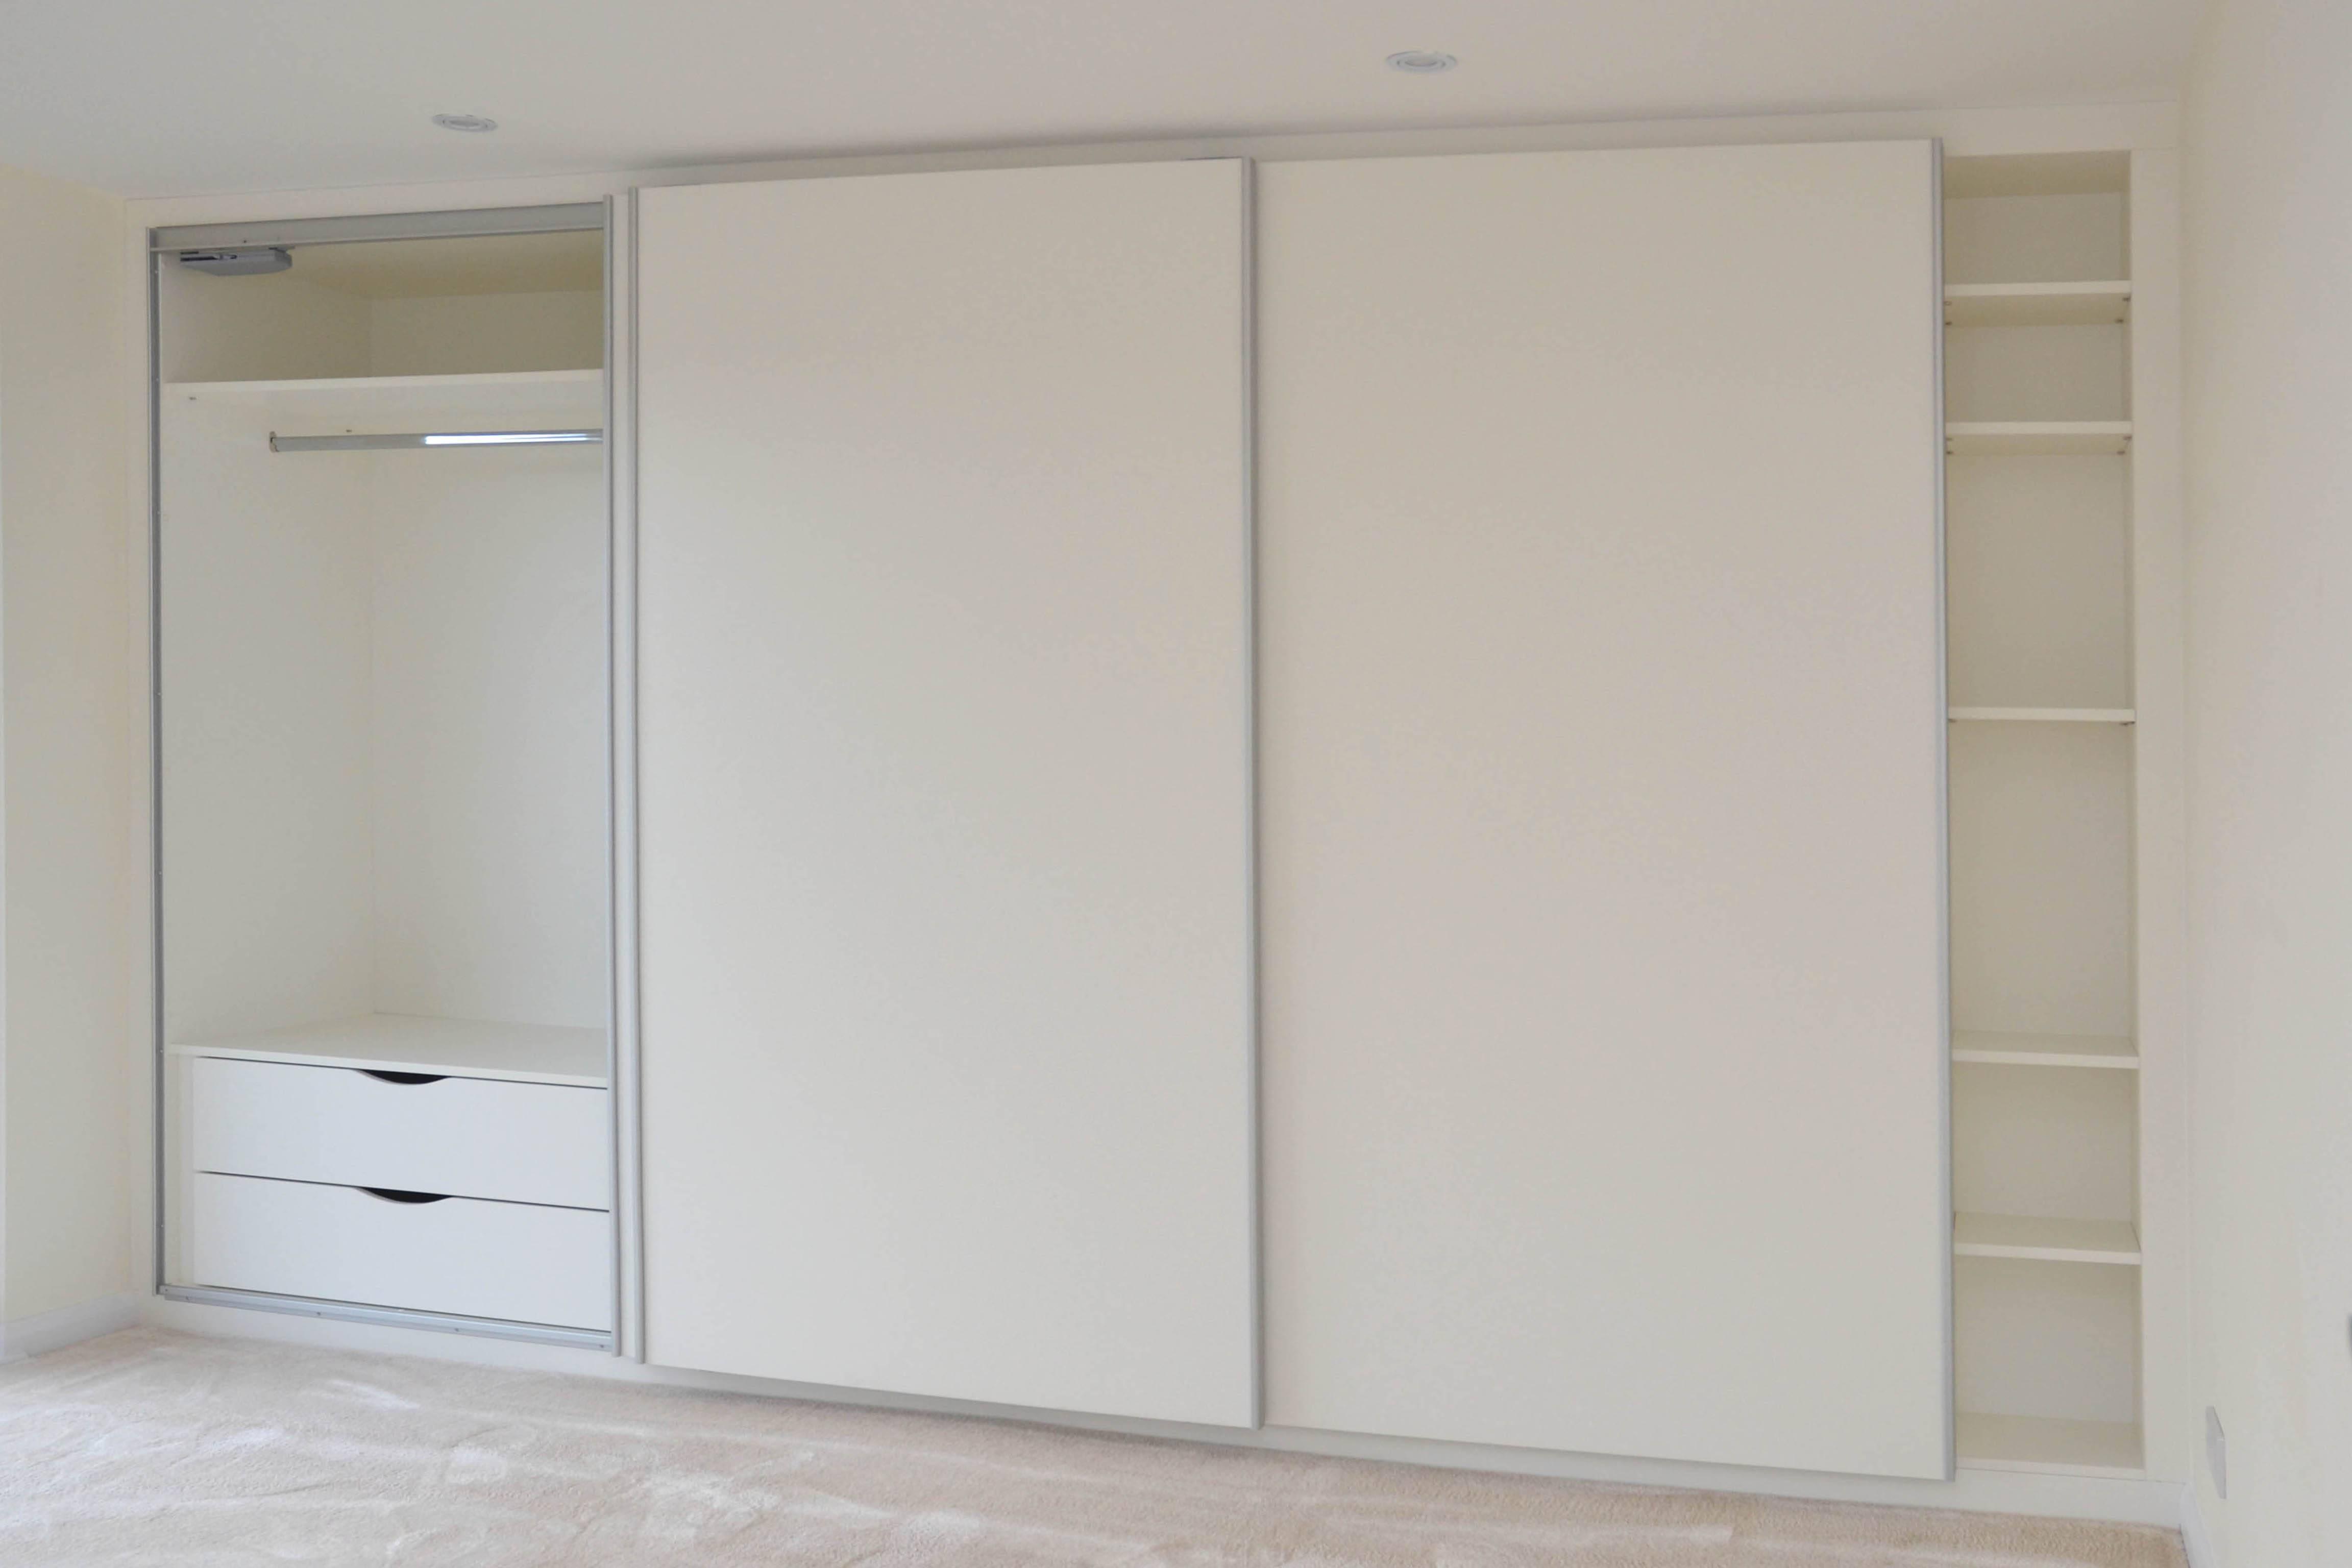 Шкаф своими руками: инструкции по реставрации и сборке разных видов шкафов